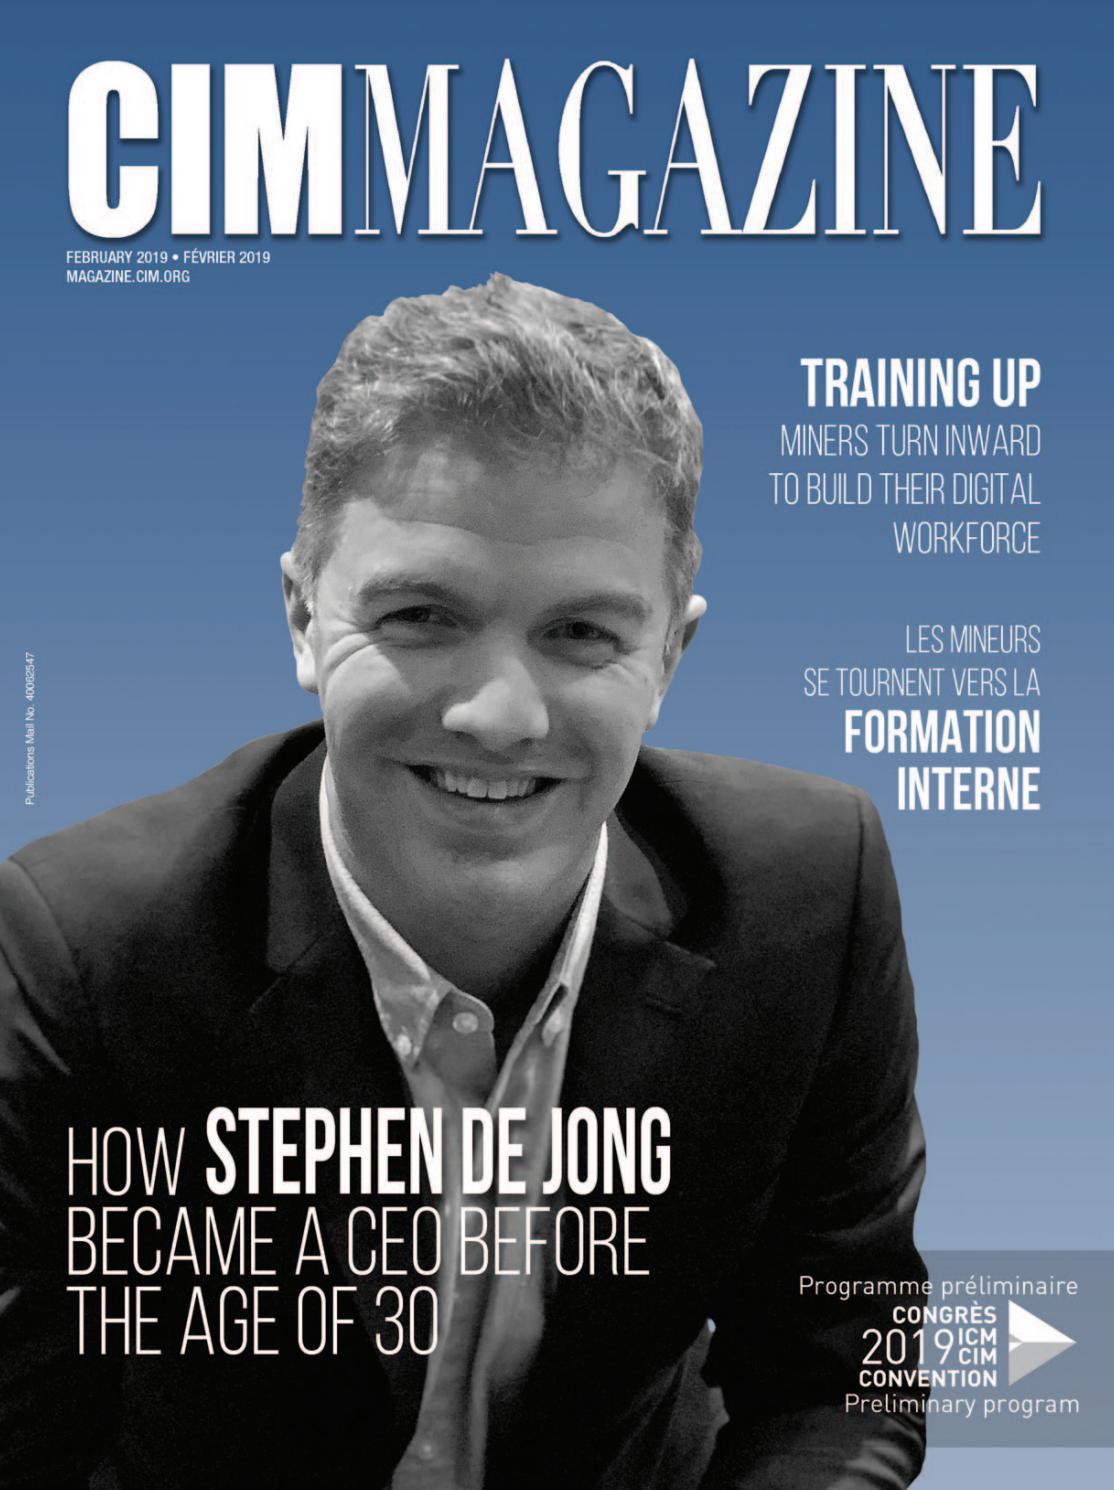 Cim Magazine February 2019 By Cim Icm Publications Issuu